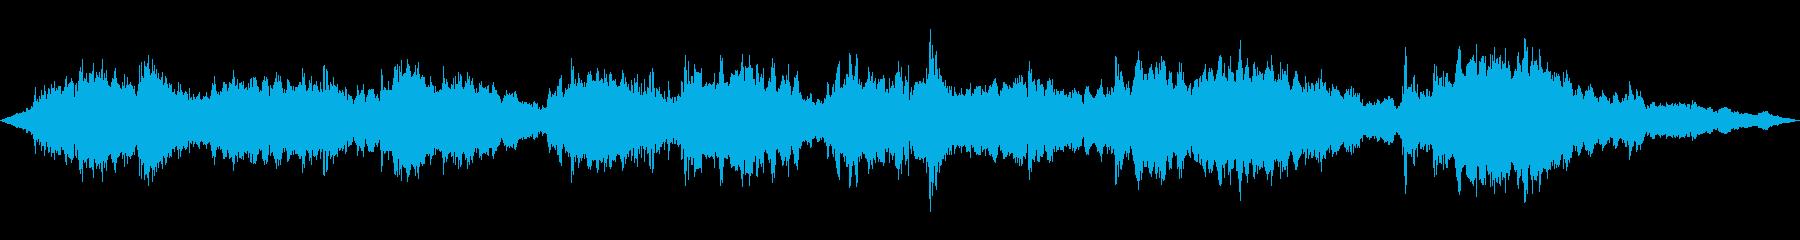 ヨガとマッサージ。尺八。シュカキーの再生済みの波形